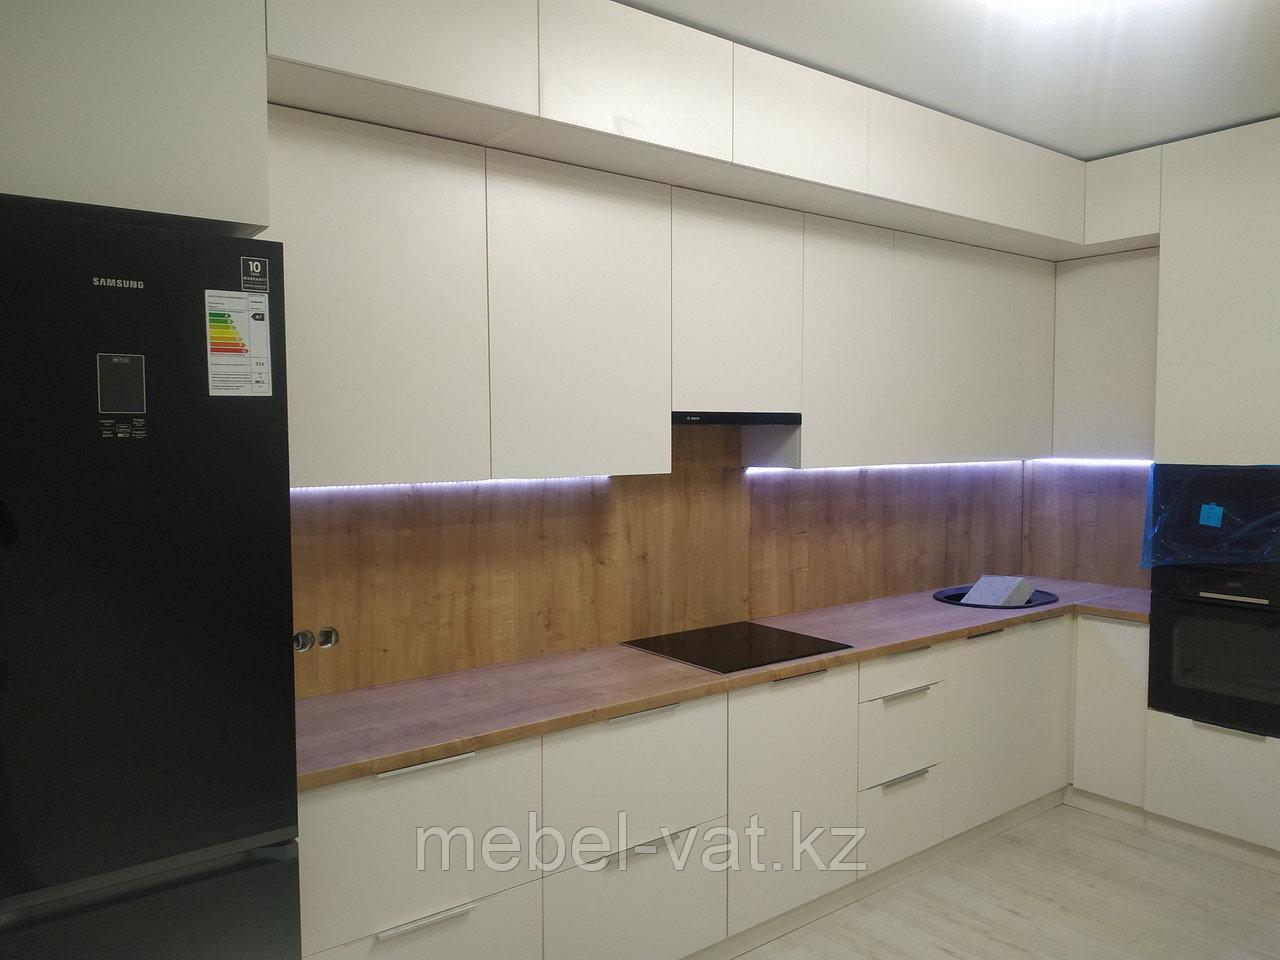 Комплект мебели в квартиру: Кухня, детская, спальня